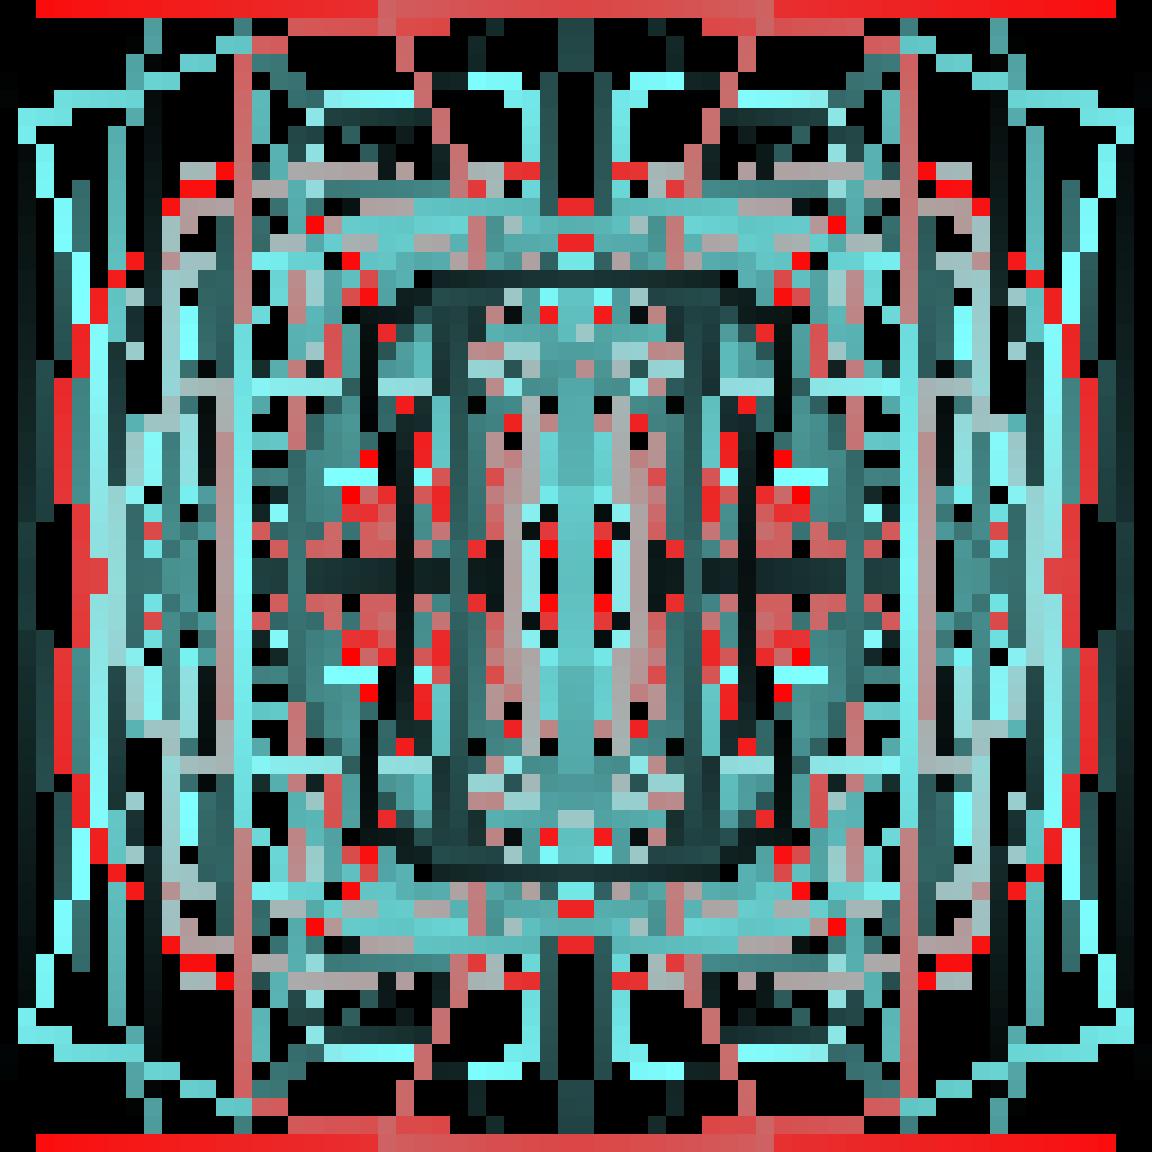 Interdenominational portal by Isaach